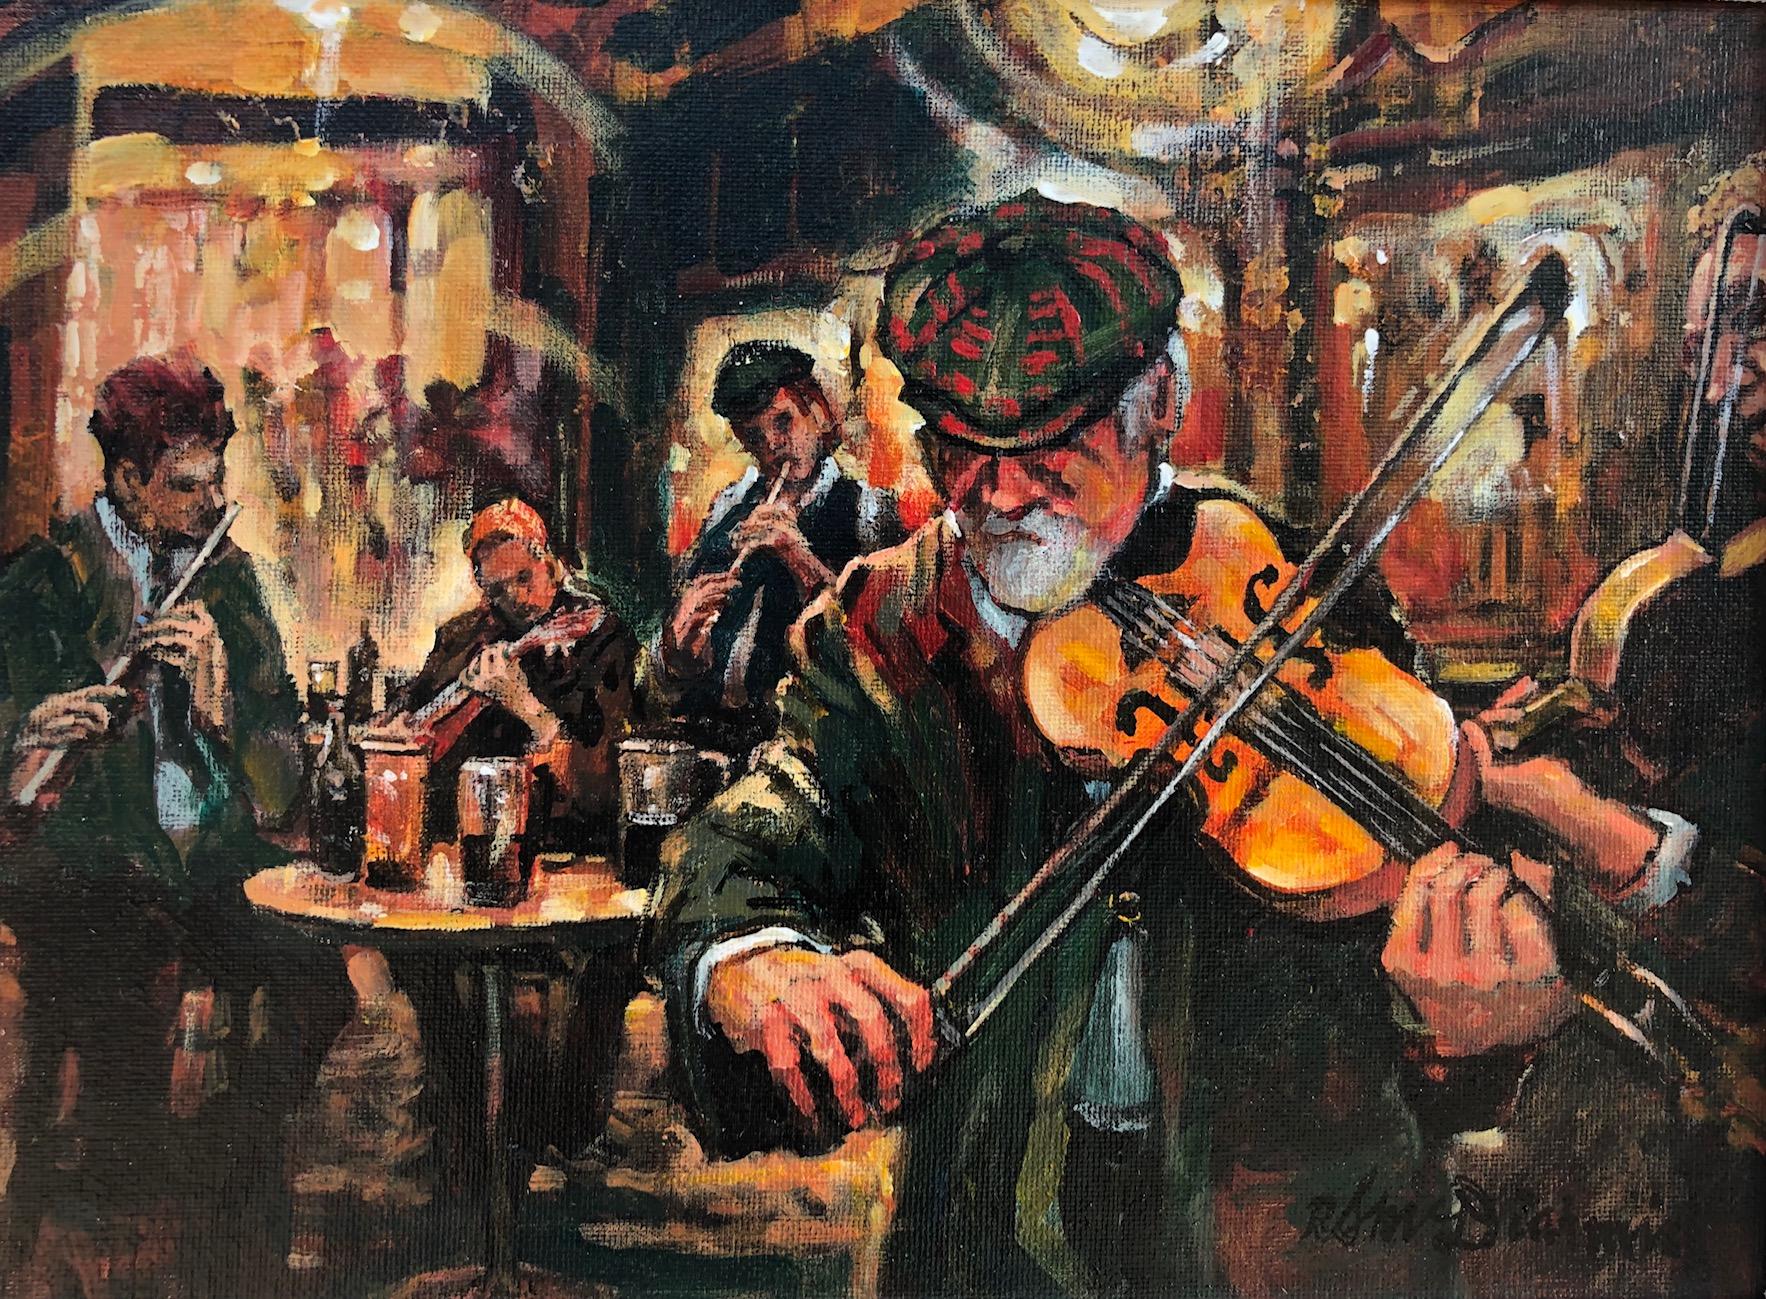 Fiddlin' by  Rick McDiarmid - Masterpiece Online